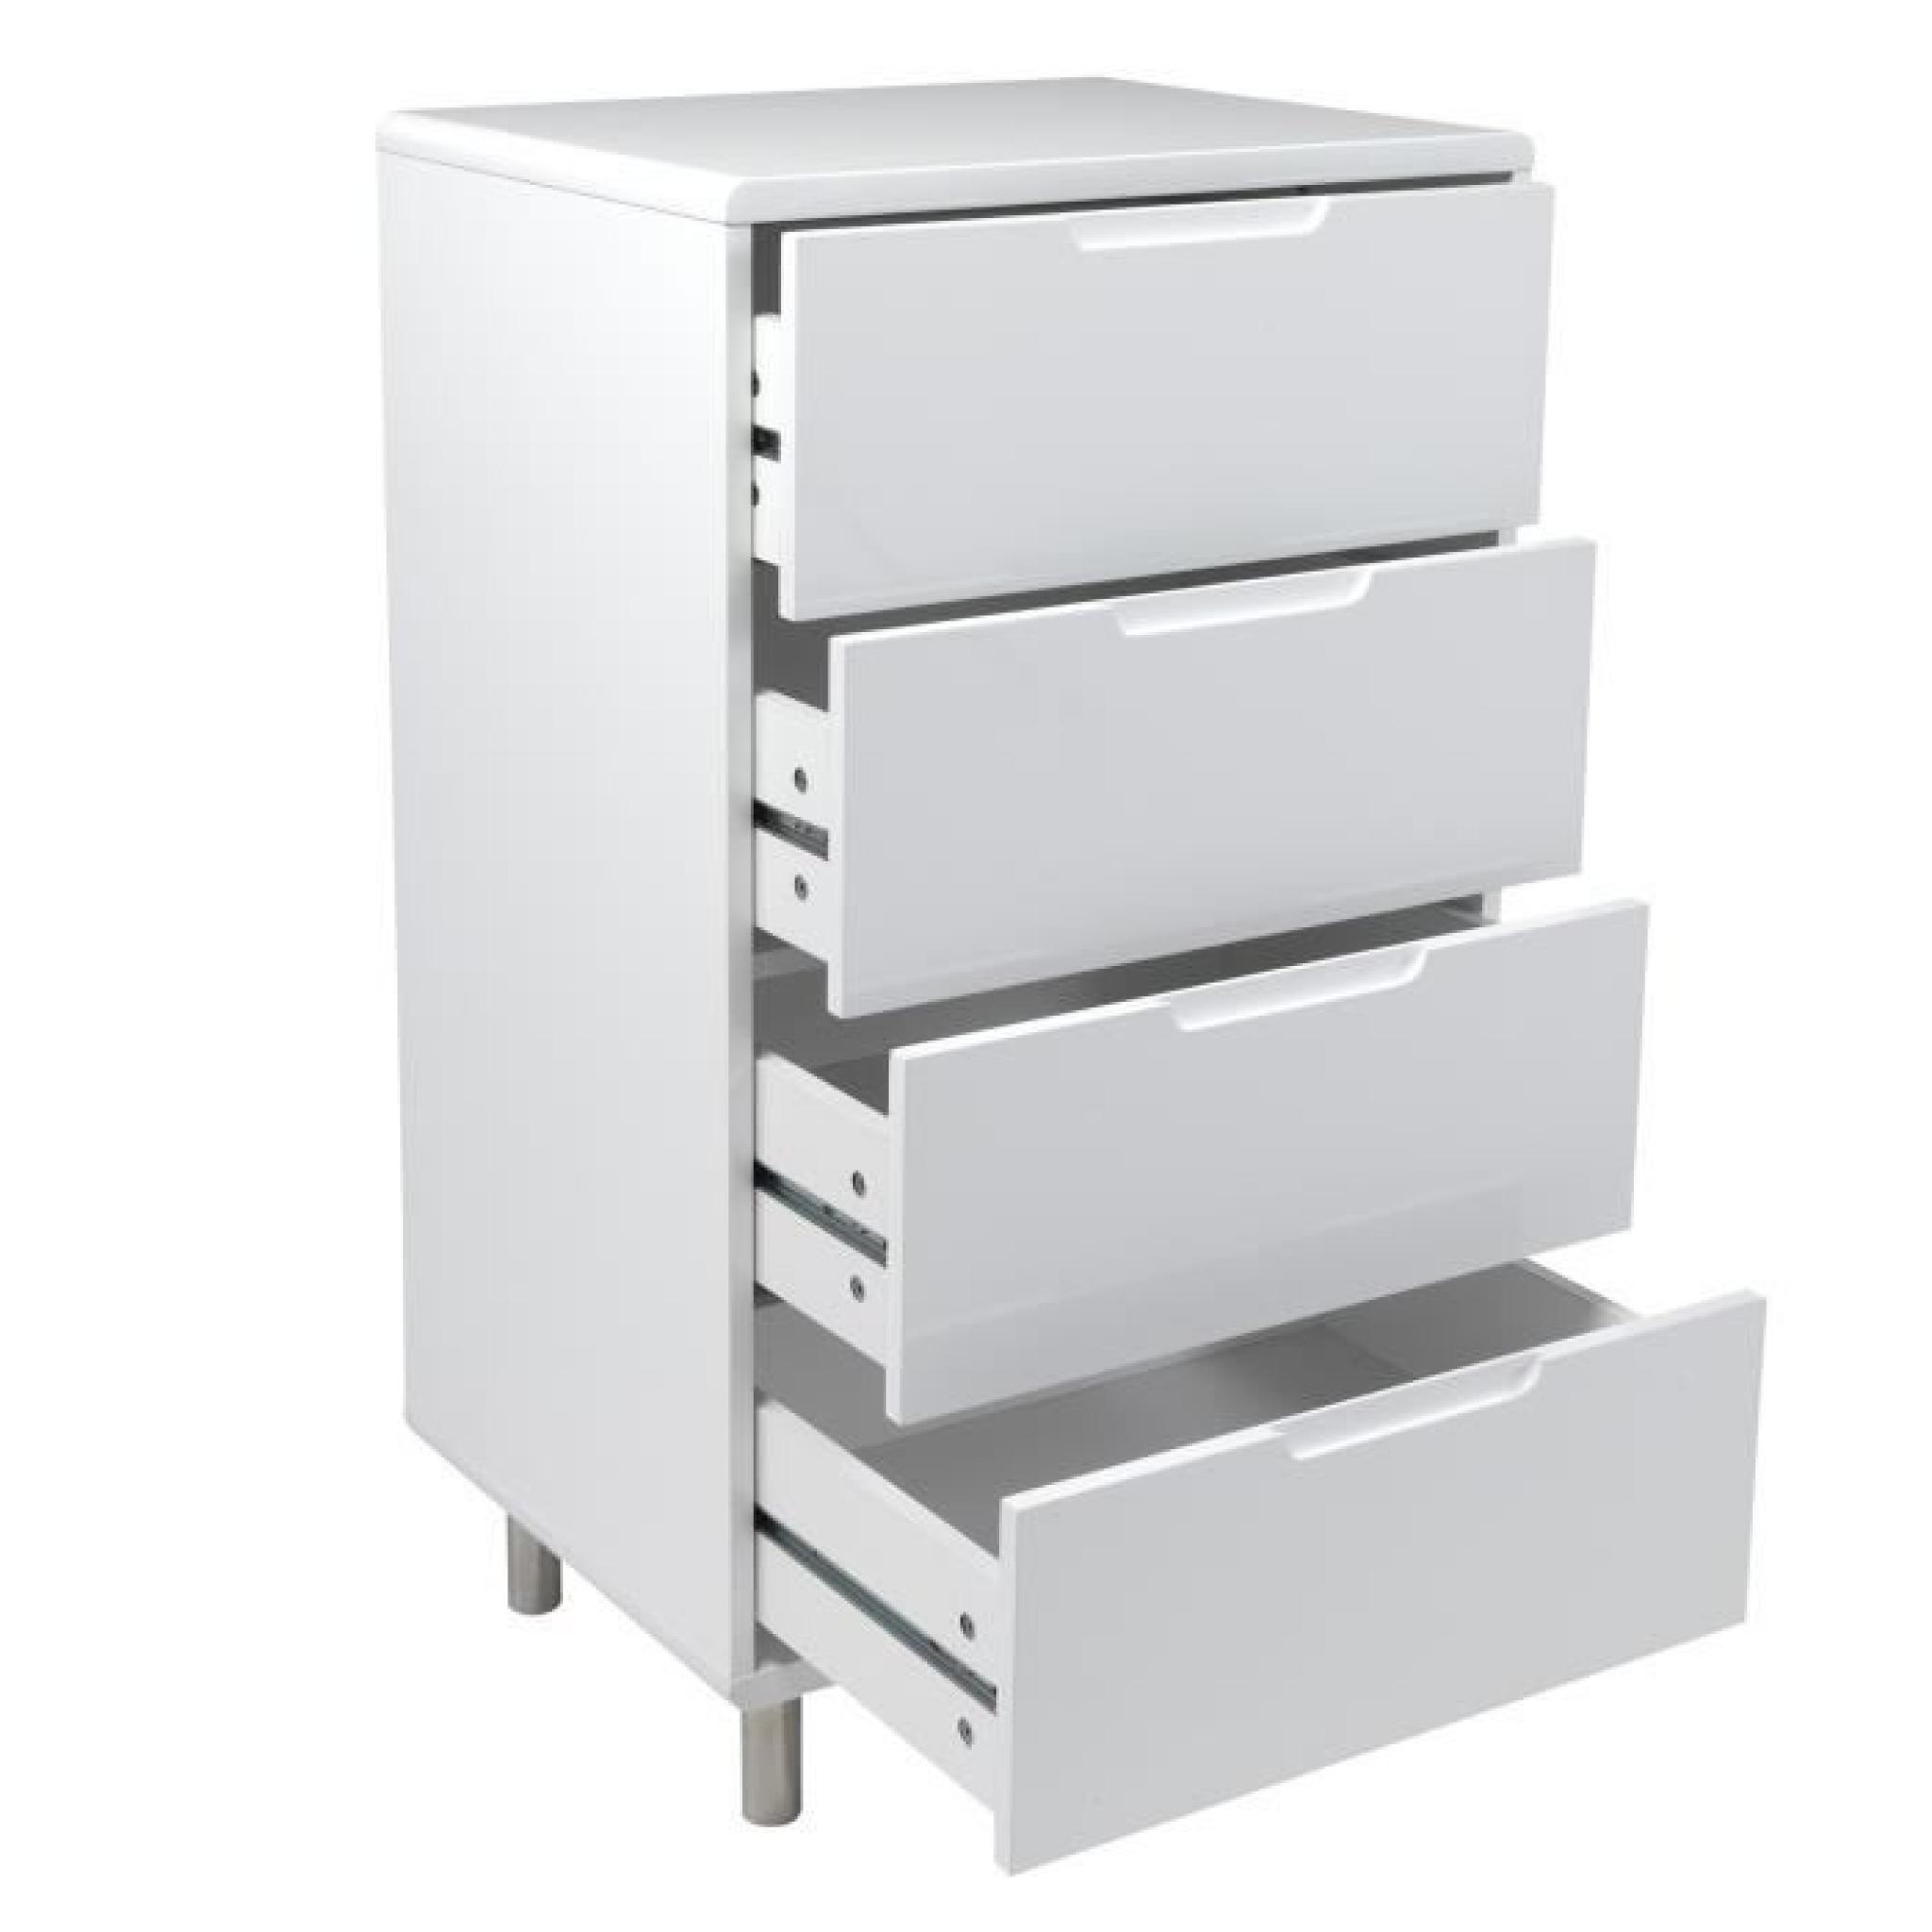 kity chiffonnier 4 tiroirs laqu achat vente commode pas cher couleur et. Black Bedroom Furniture Sets. Home Design Ideas